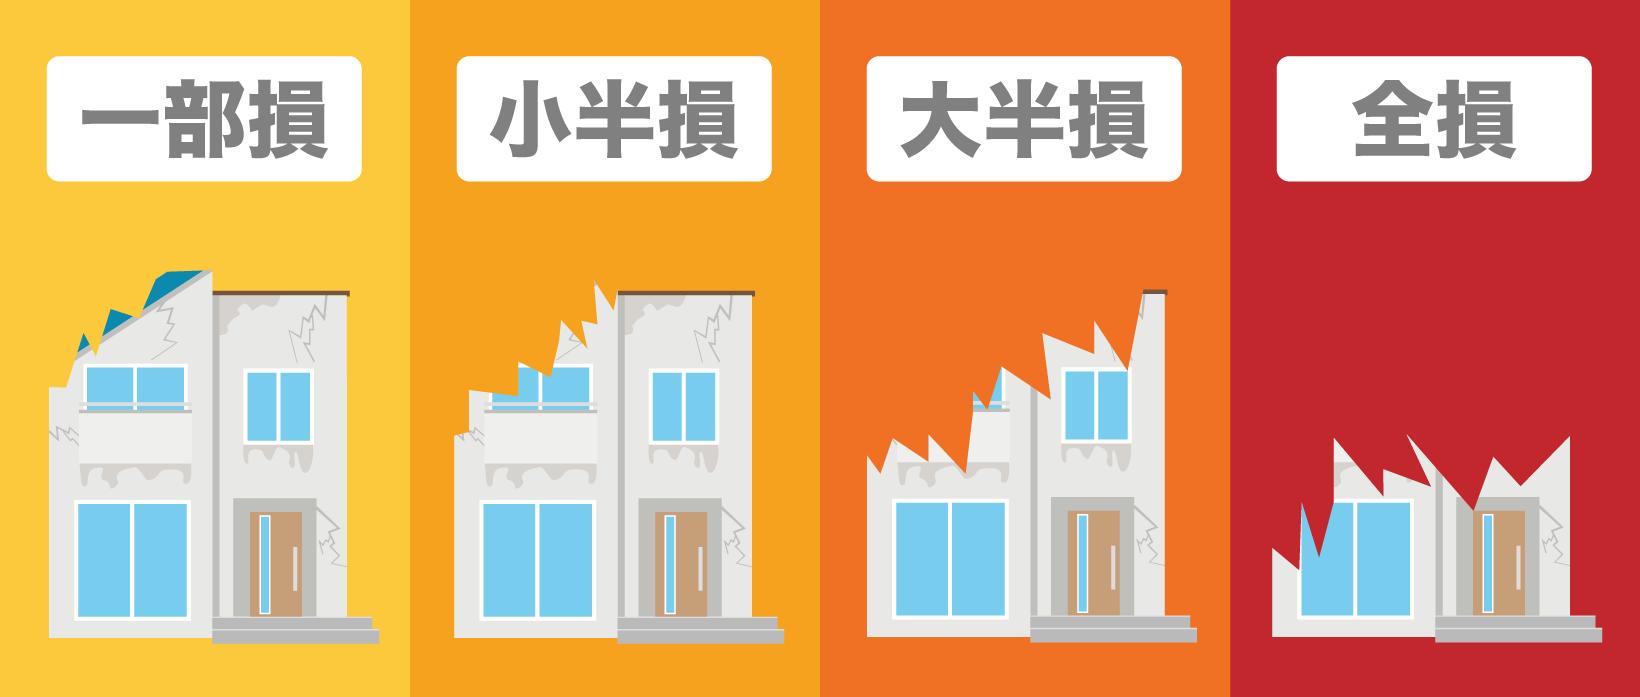 地震保険の支払い基準には4段階あり、一部損<小半損<大半損<全損となる